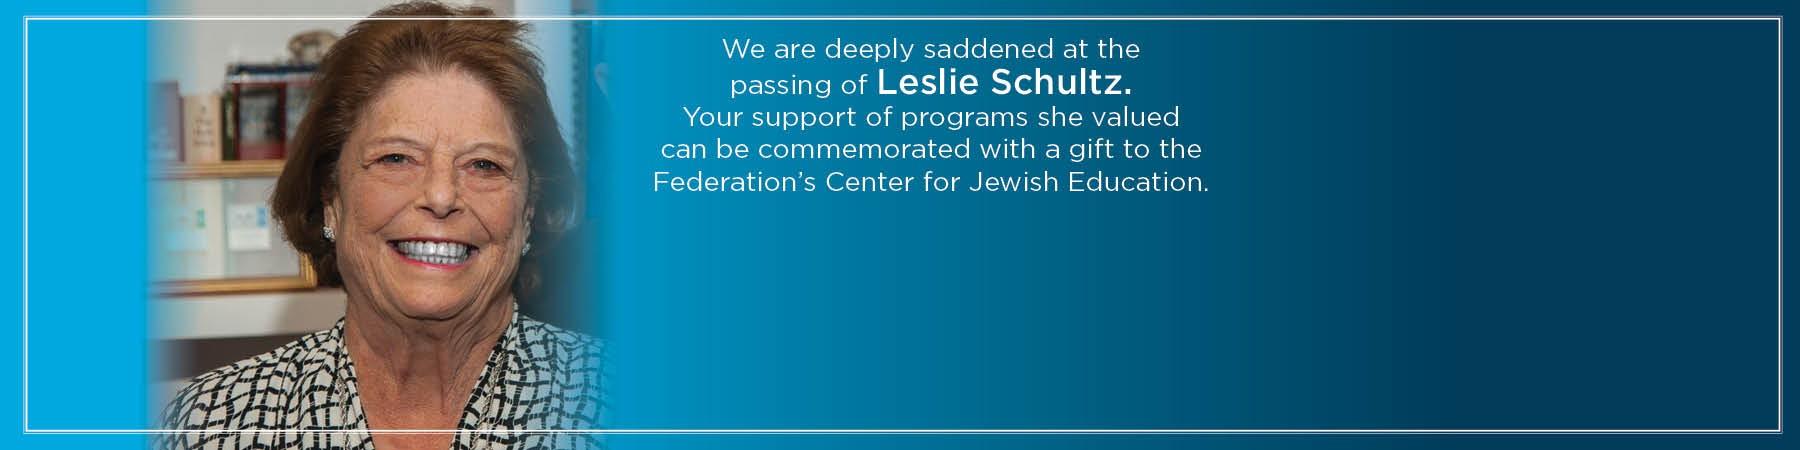 Leslie Shultz Banner(1).jpg